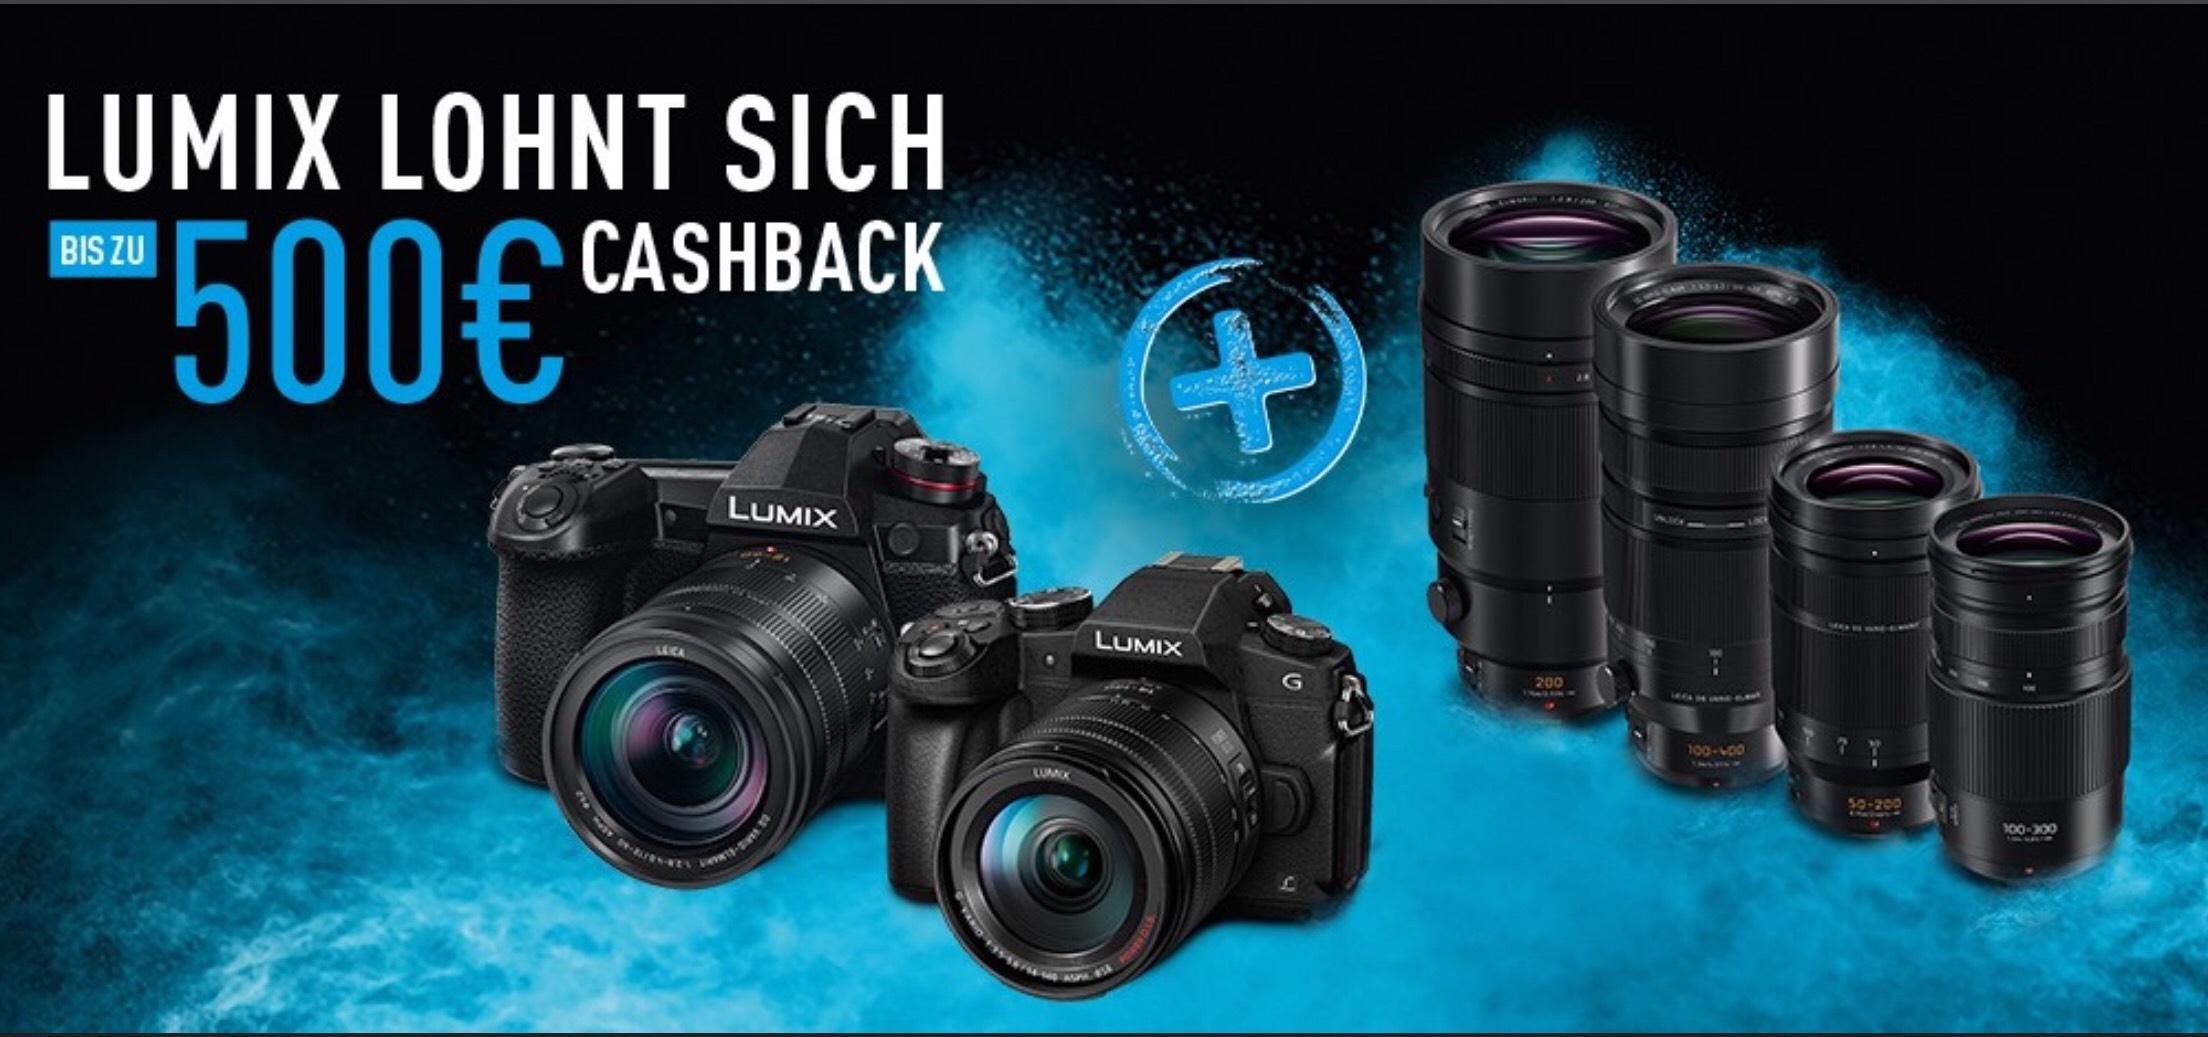 [Panasonic] Bis zu 500€ Cashback auf LUMIX G9, G81 und teilnehmende Objektive